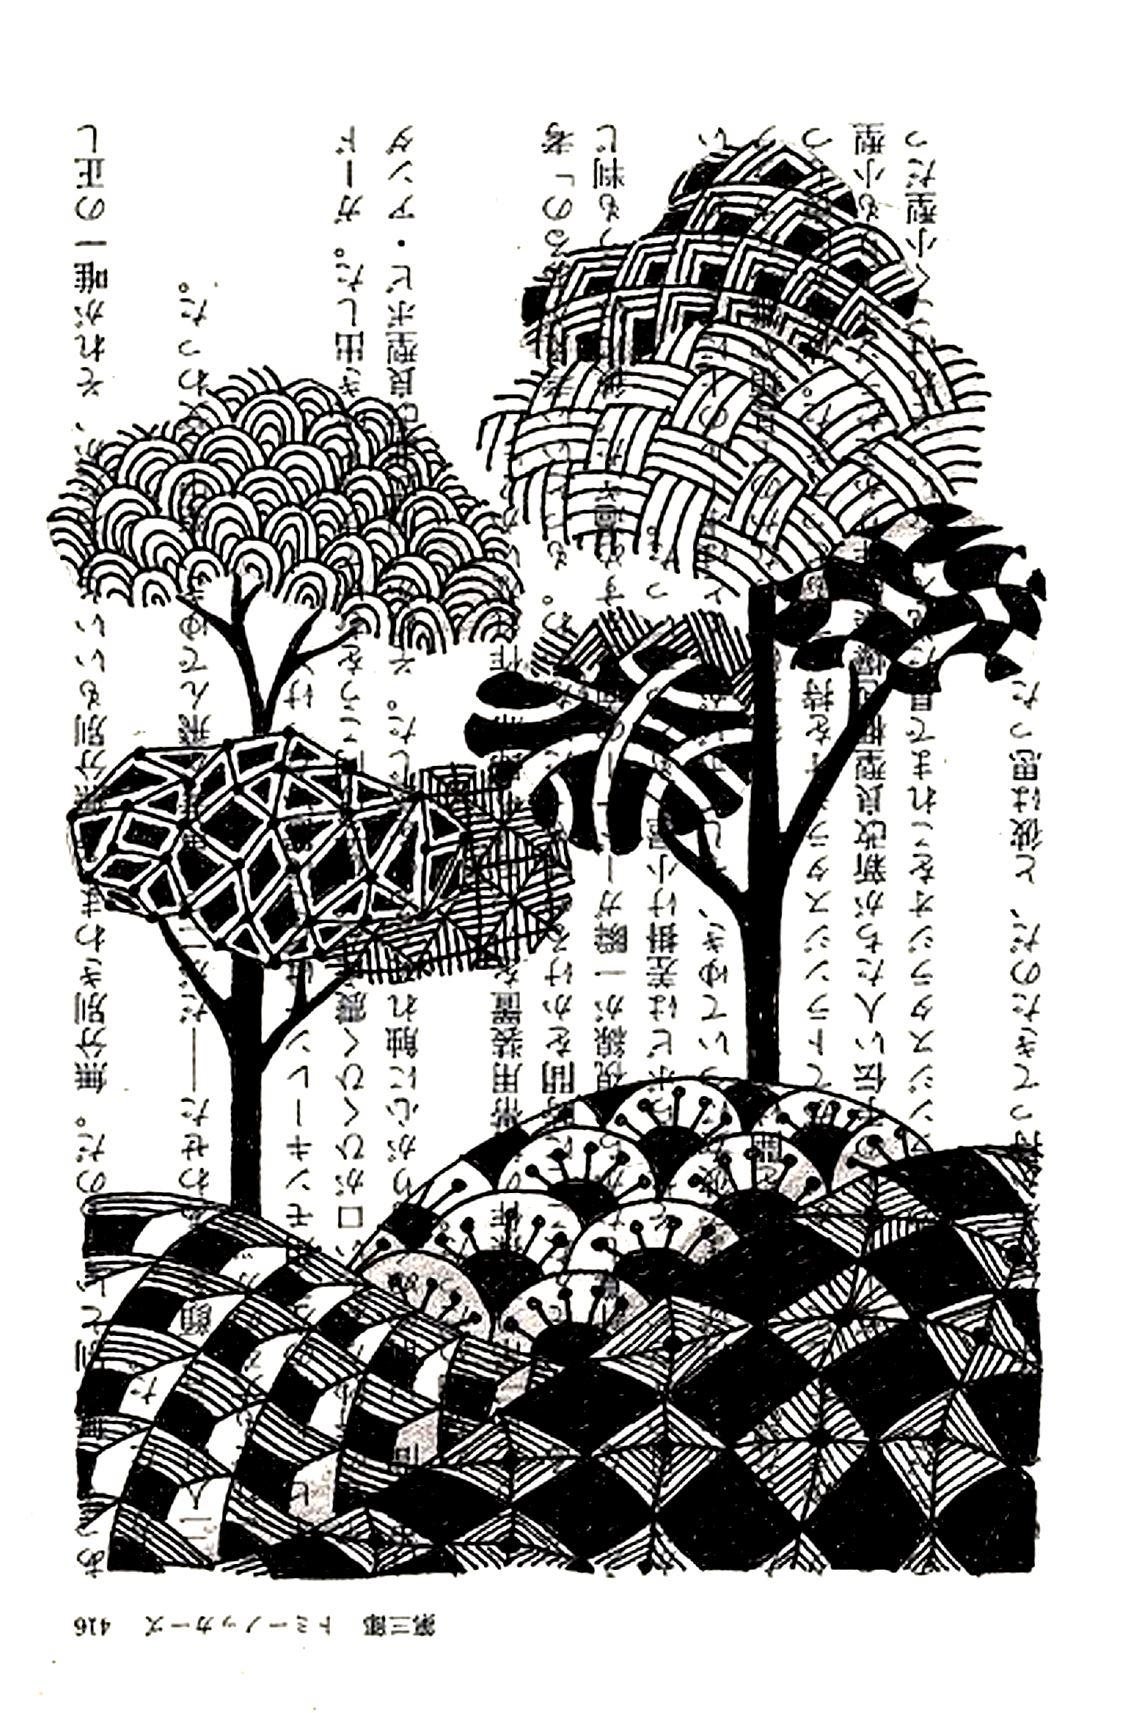 Dessin style chinois arbres encre de chine   A partir de la galerie : Chine Asie